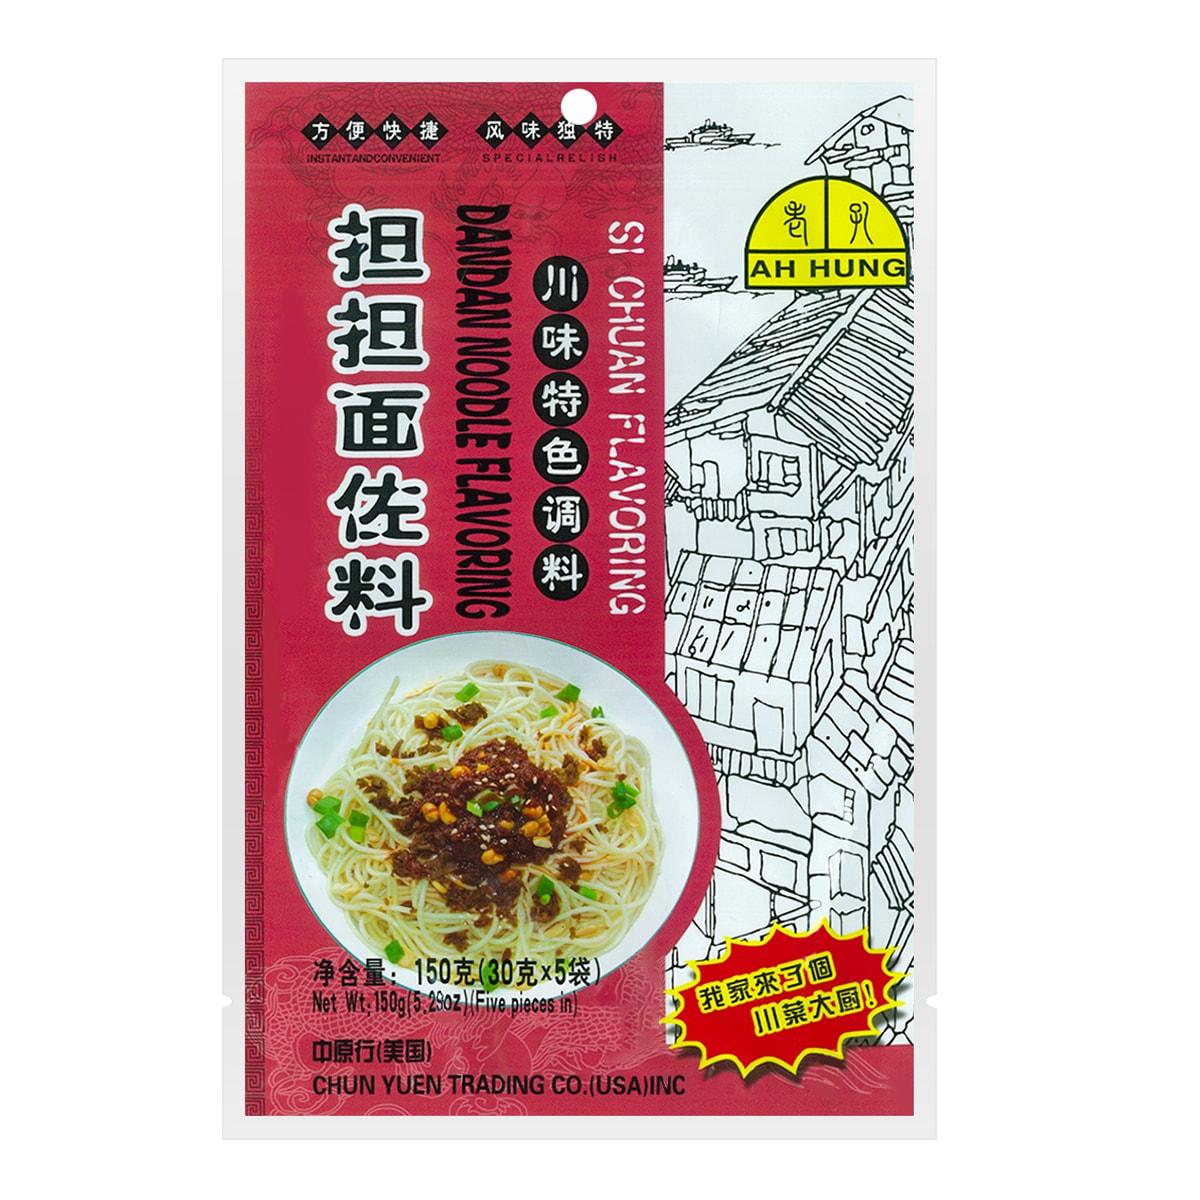 重庆老孔 川味特色调料 担担面佐料 150g